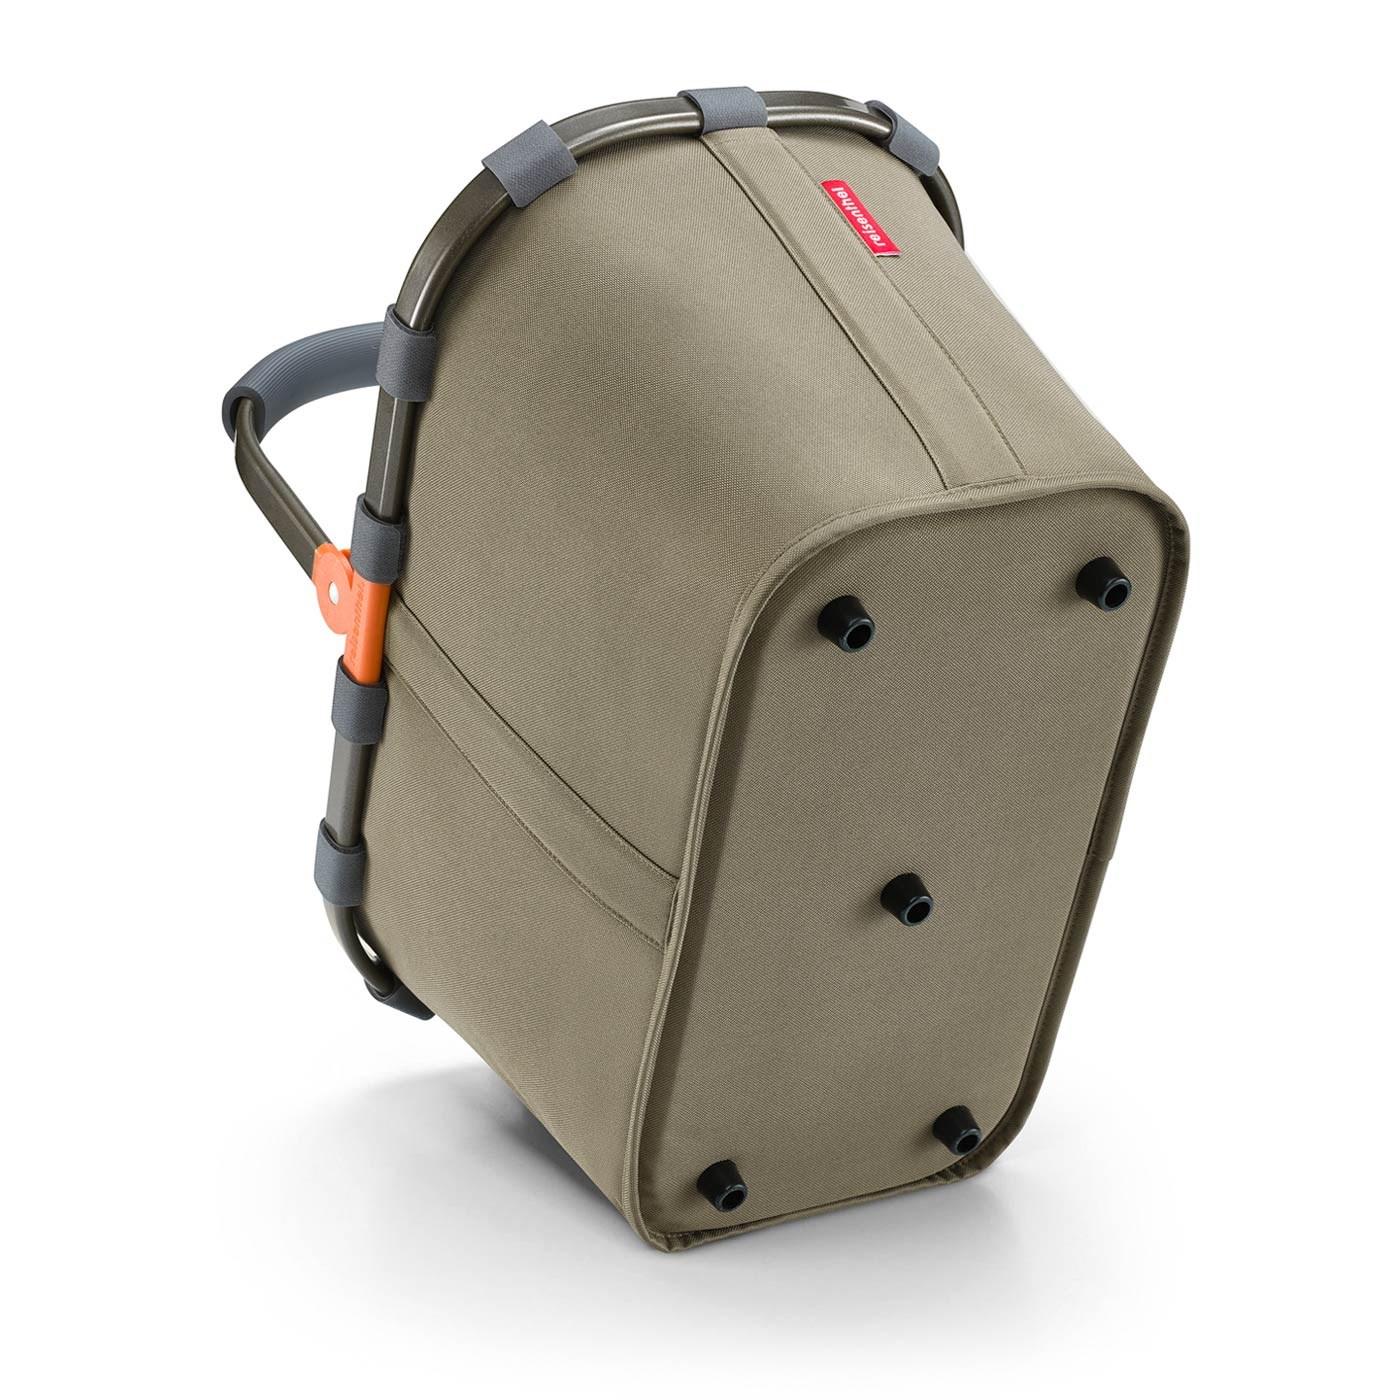 Nákupní košík Carrybag frame olive green_1